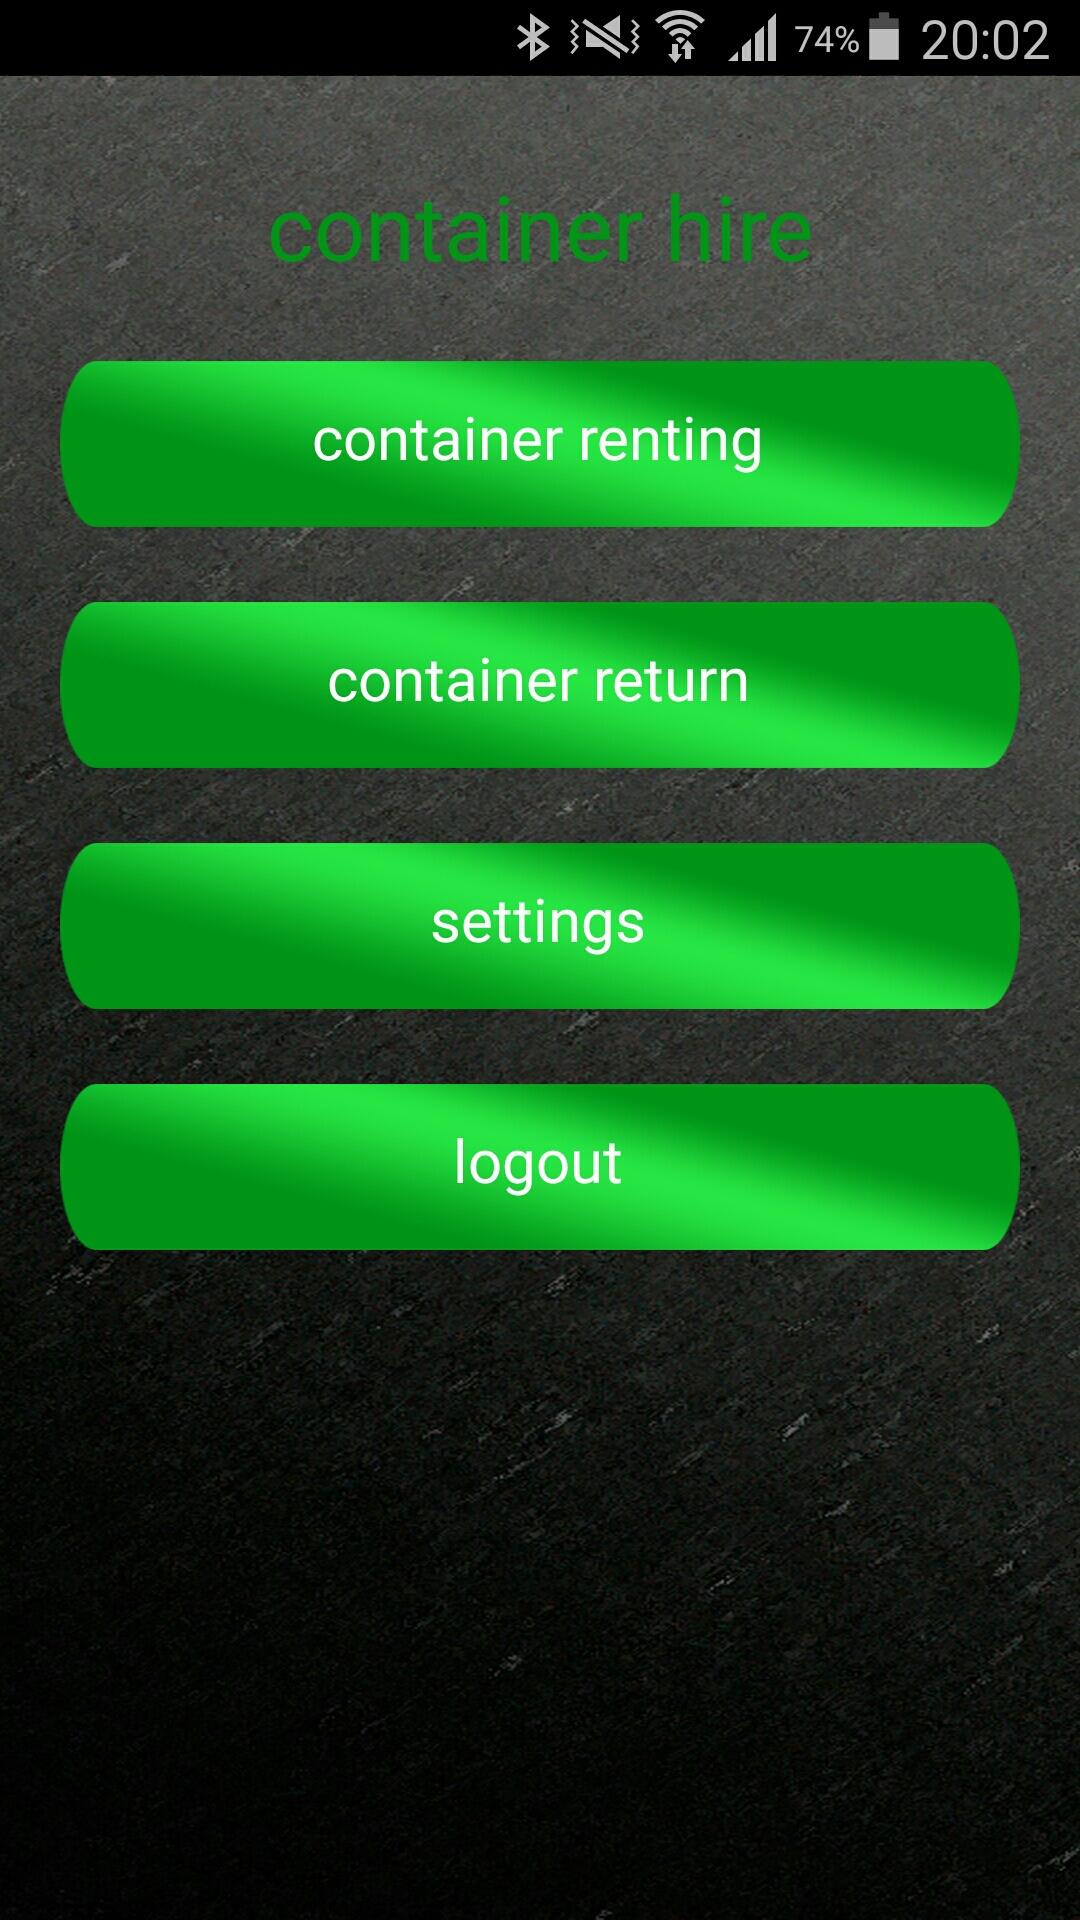 ginstr_app_containerHire_EN_2